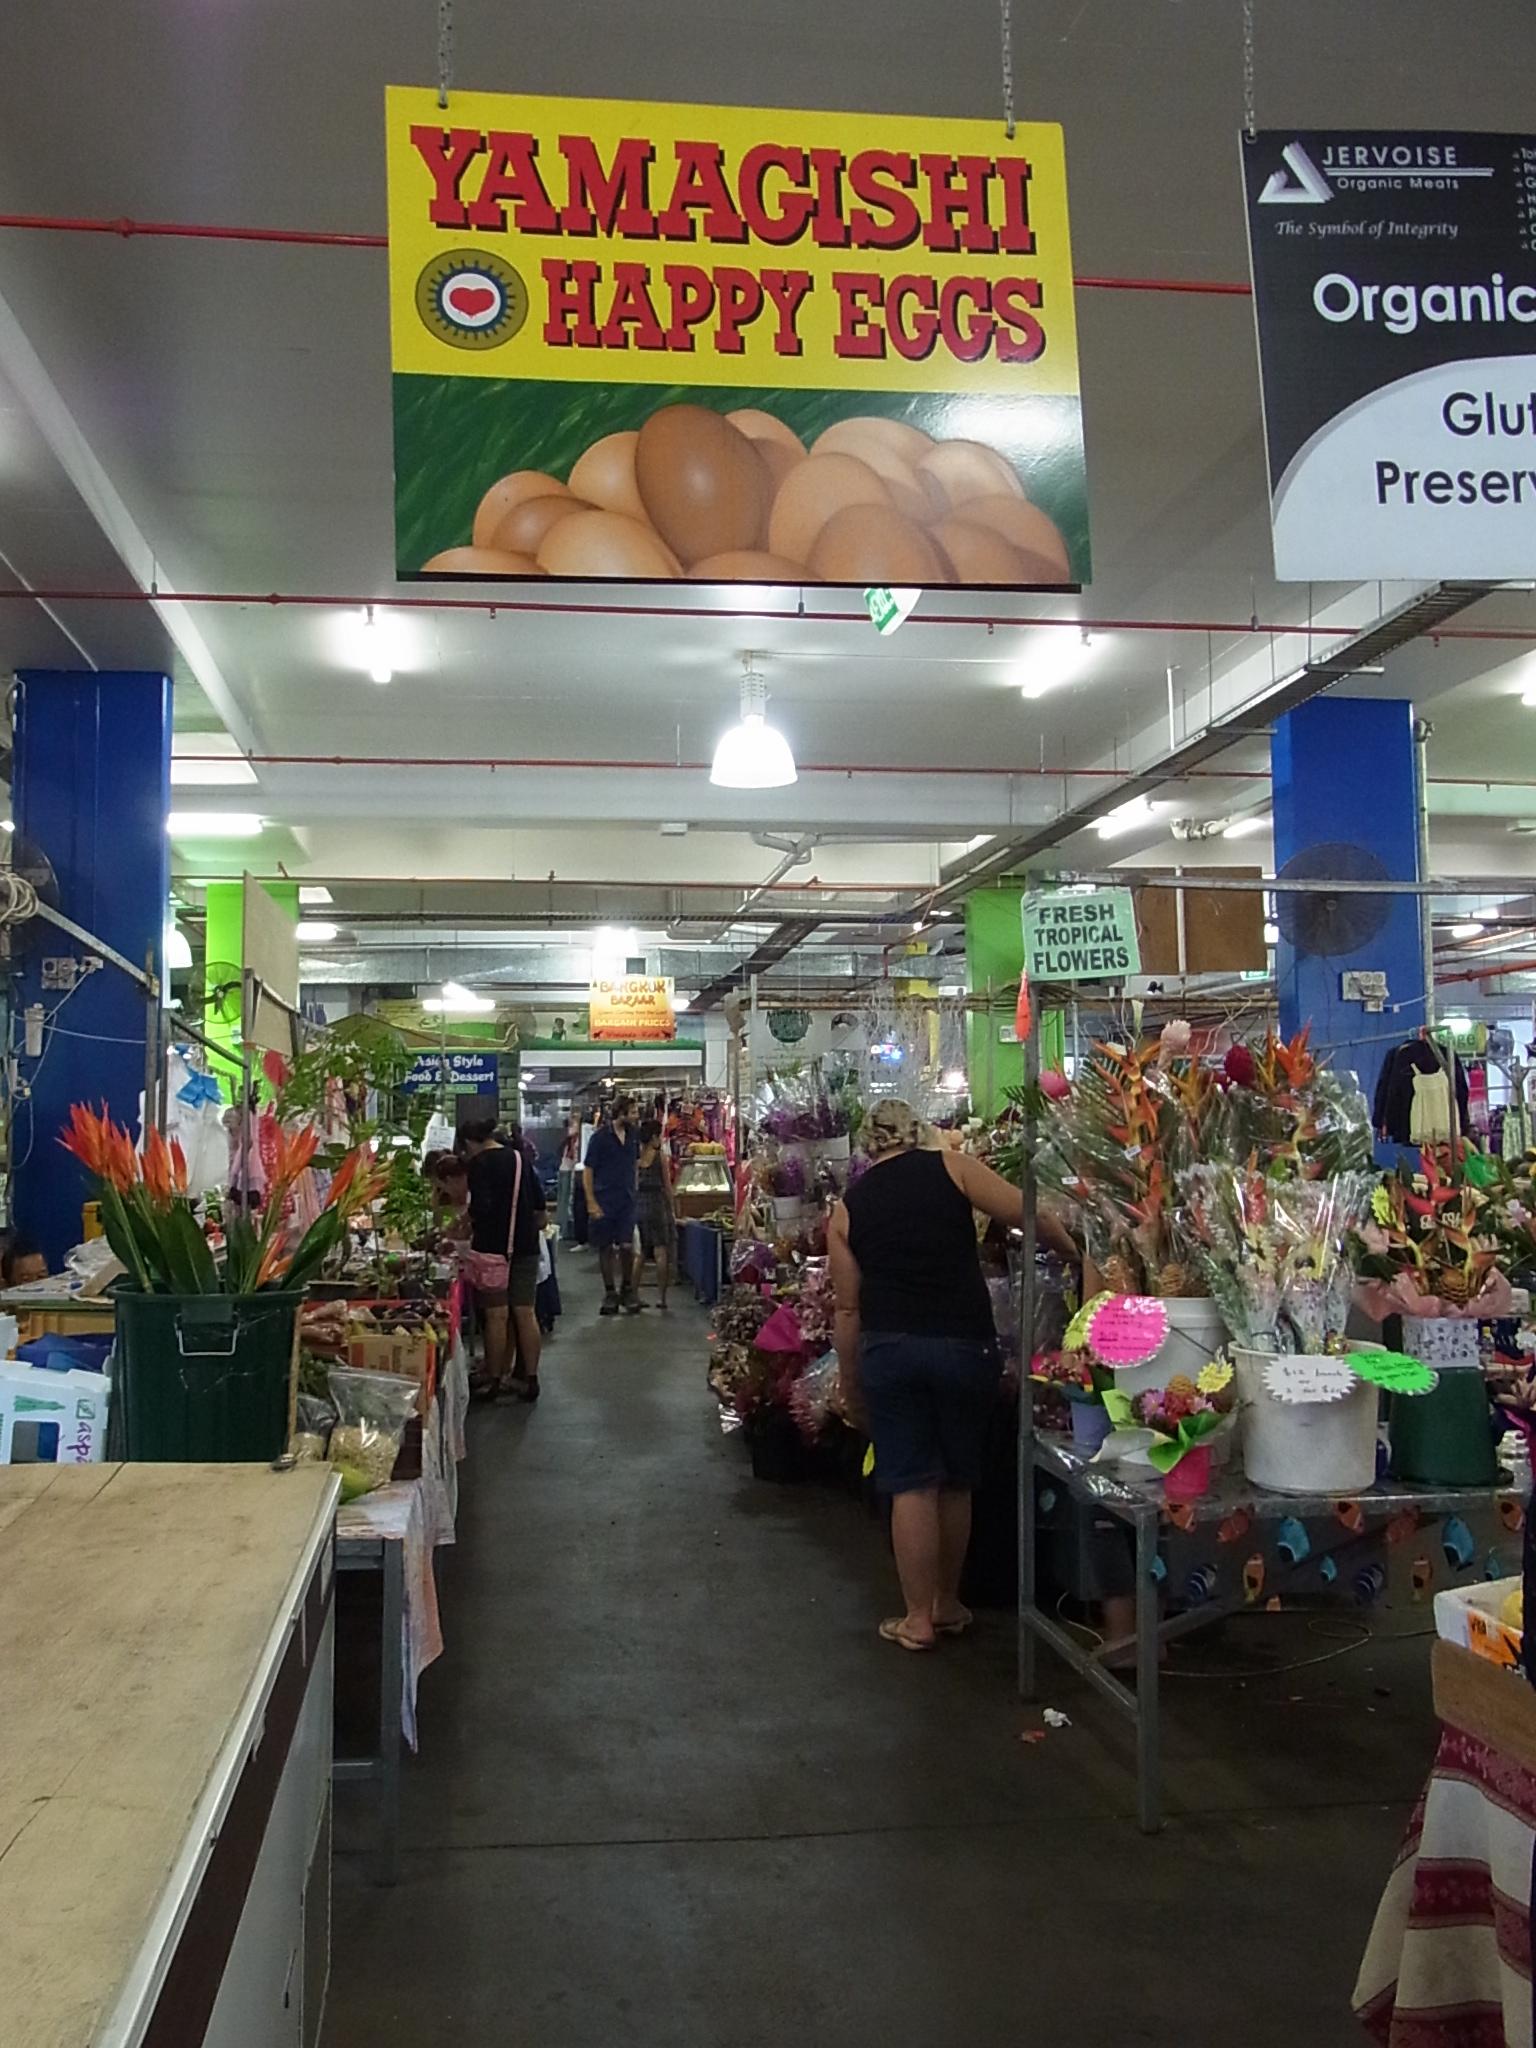 <p>YAMAGISHI HAPPY EGGはイニスフェイルの養鶏場で購入できるほか、 金6:30〜18:00、土7:00〜13:00にラスティーズマーケットでも購入できます。 それ以外ではオーキッドプラザ内の日本食材店まるゆう、スーパーのIGA、 その他いくつかの食材小売店にも置いてあります。 また、ケアンズ市内をはじめ、たくさんのレストランやカフェなどにも卸しているので、 知らず知らずのうちに、YAMAGISHI卵を味わっているかもしれませんよ。</p>